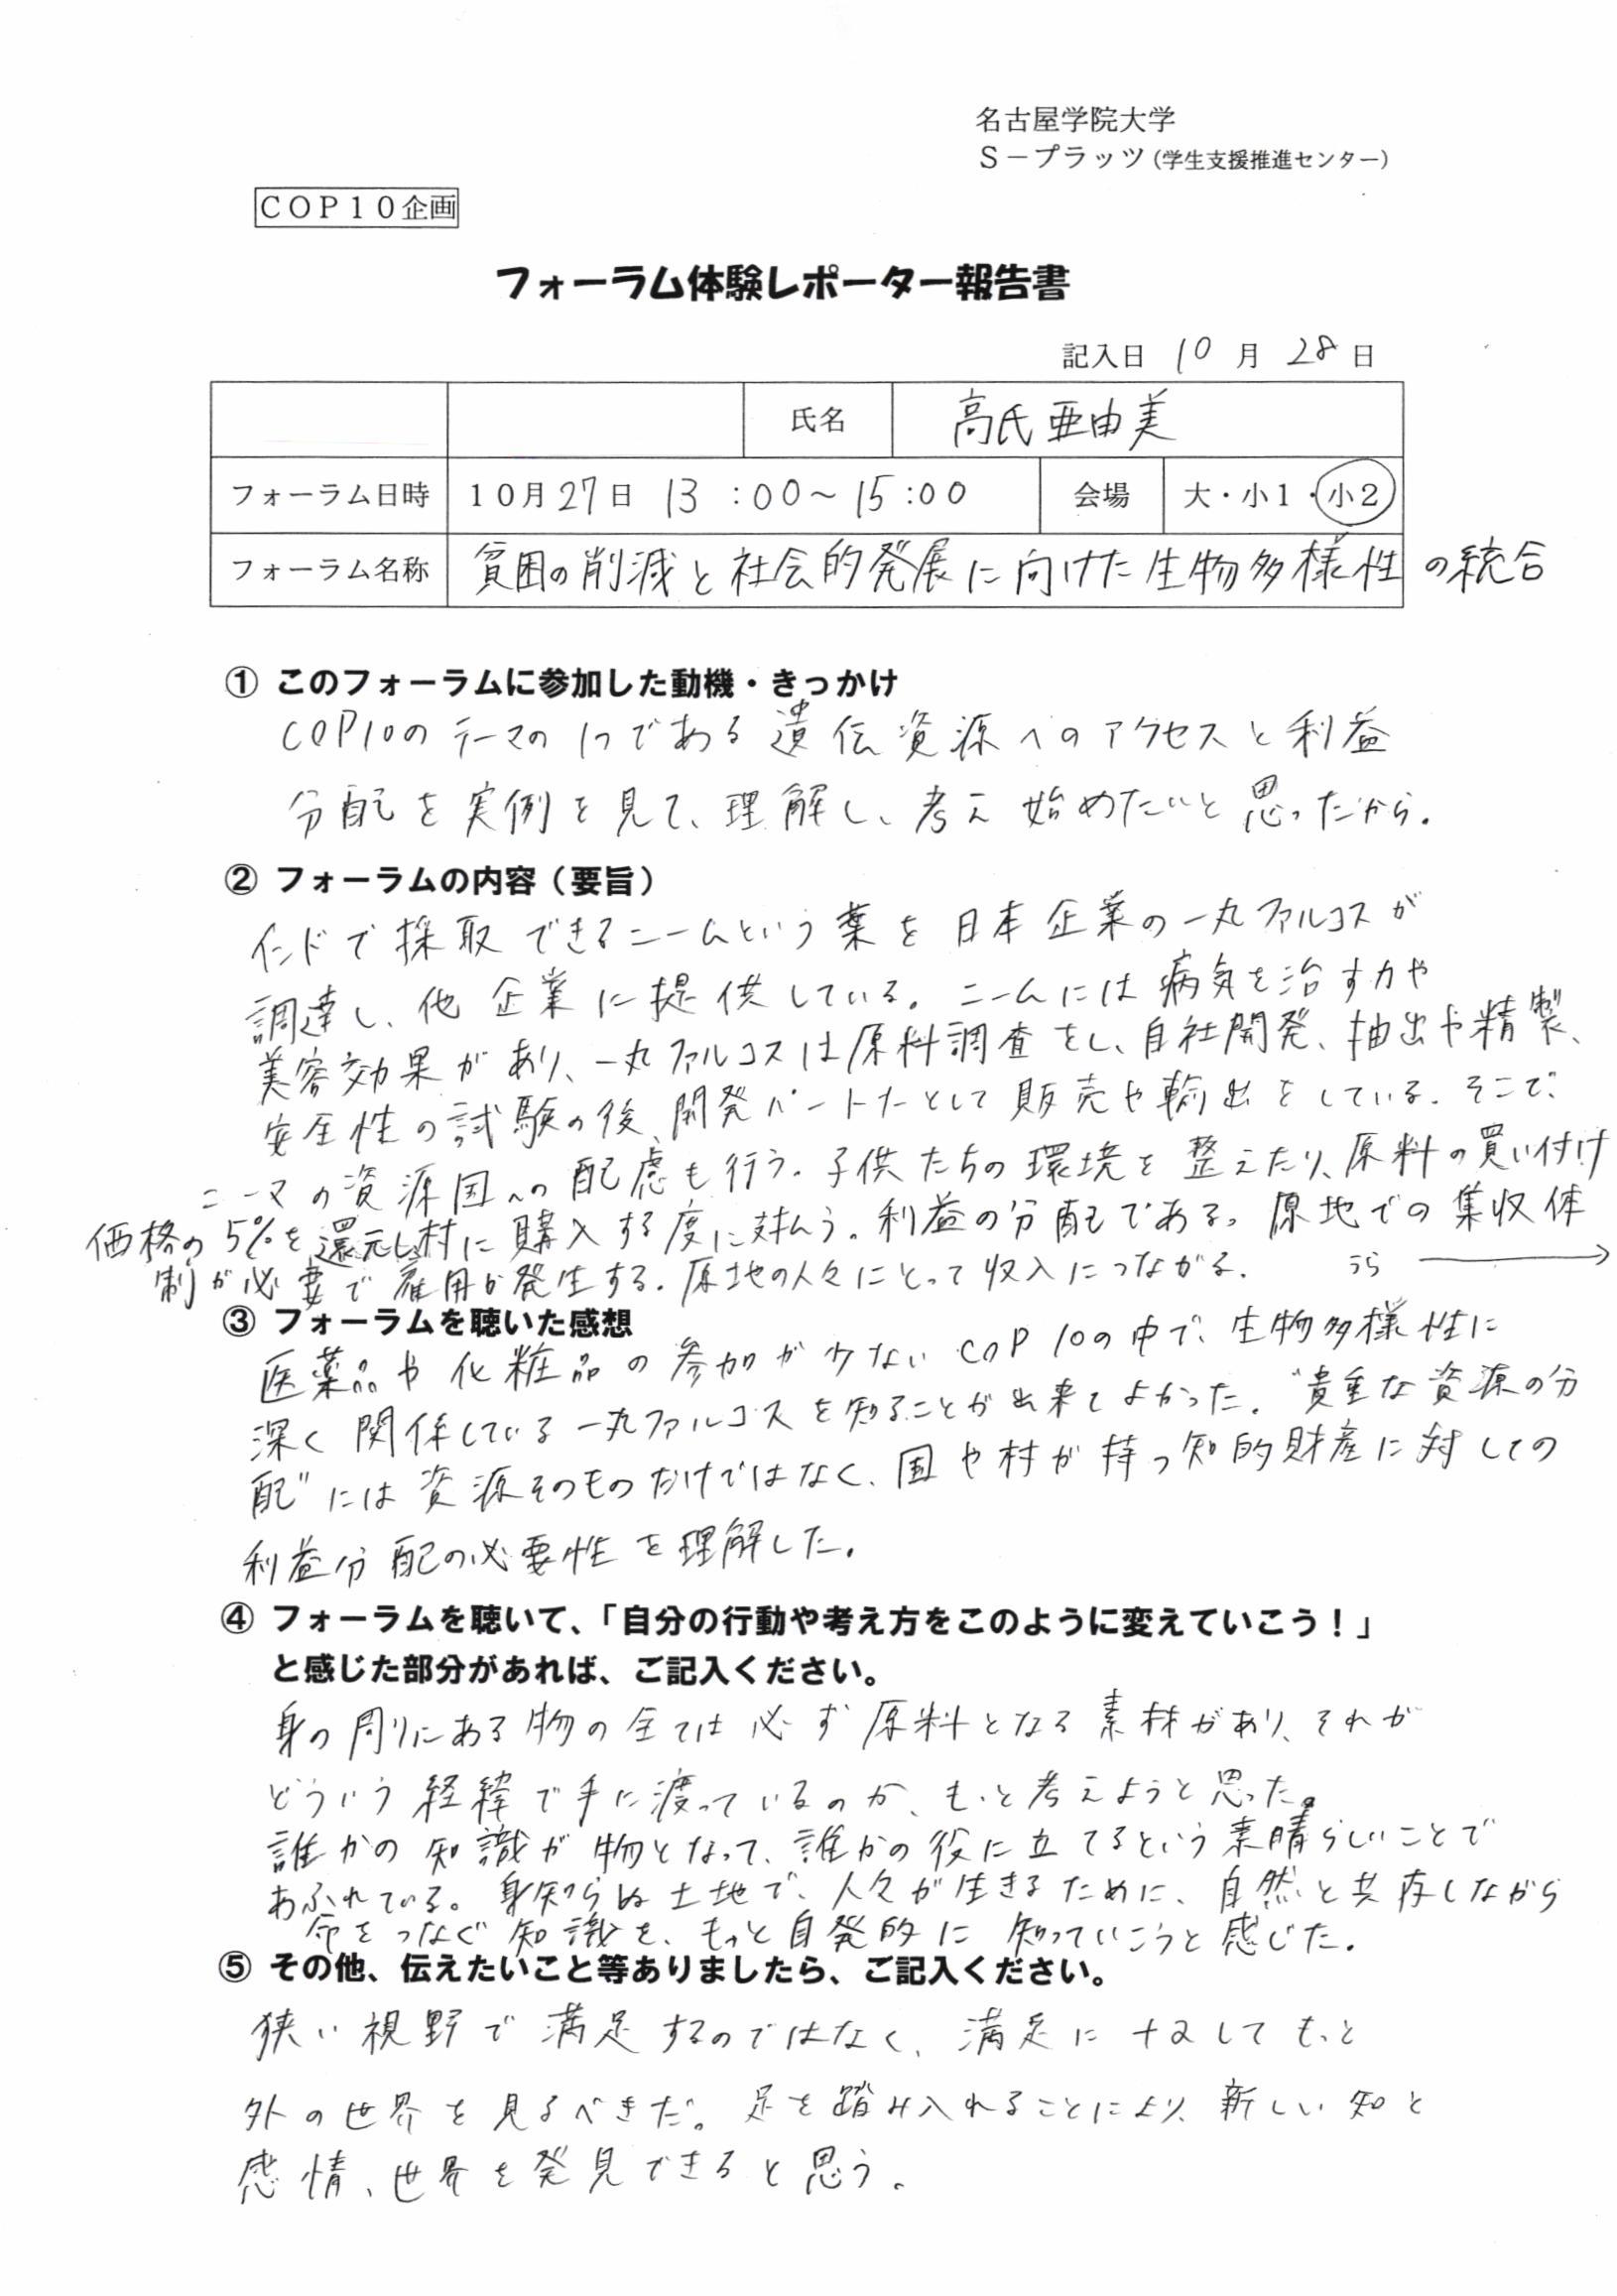 フォーラム体験レポーター高氏